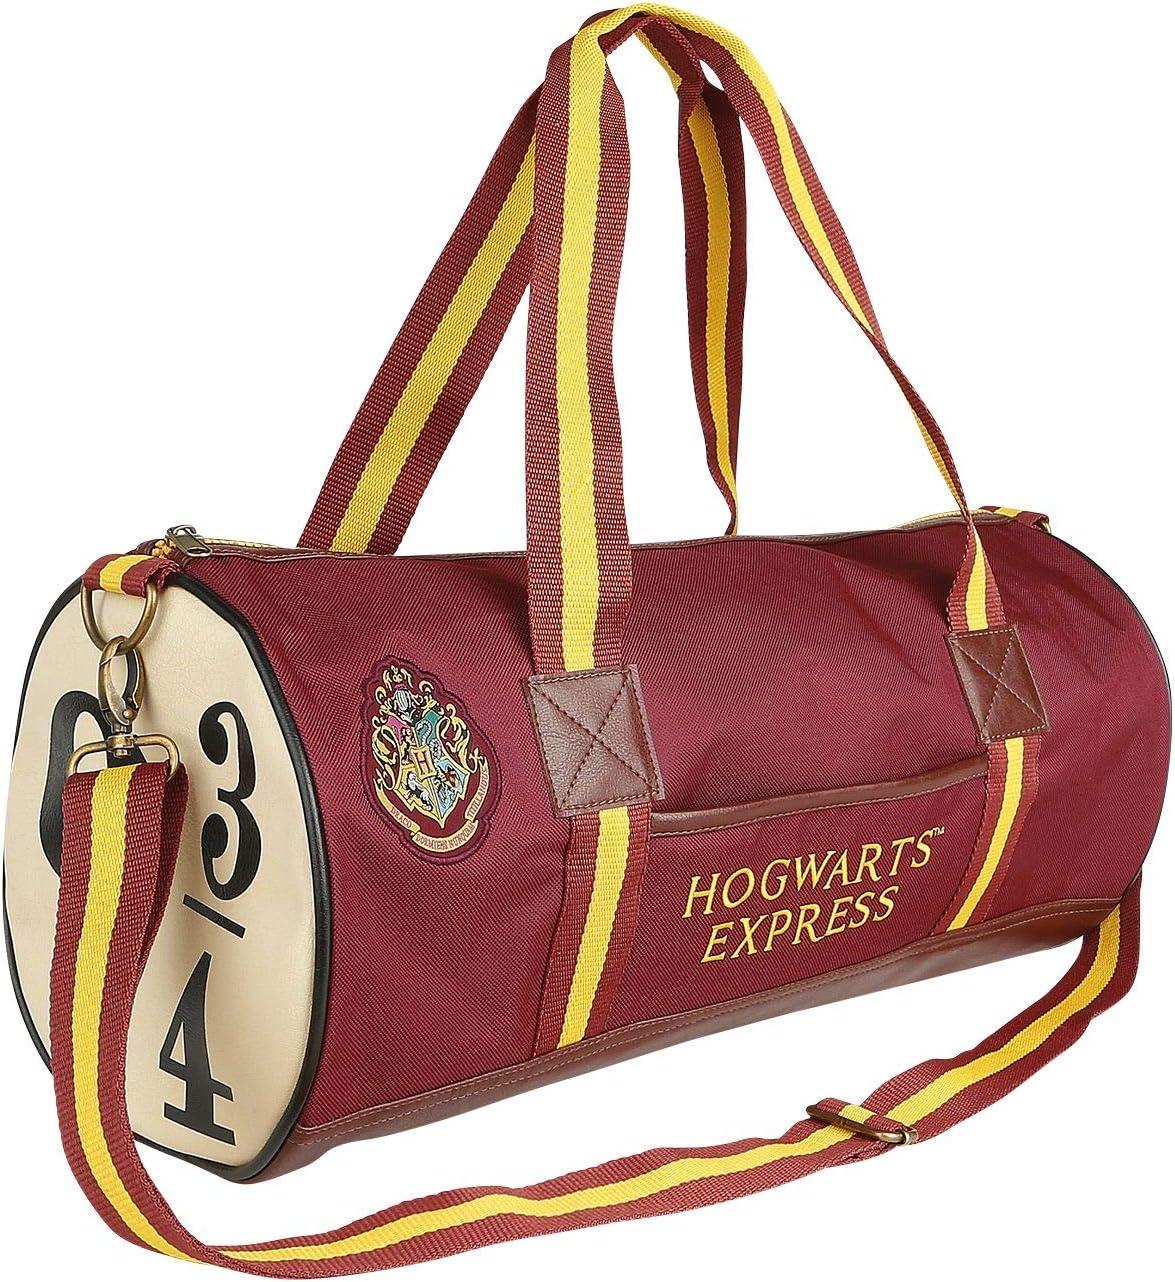 Borse I Bag.Amazon Com Groovy Harry Potter Holdall Weekend Bag Hogwarts Express 9 3 4 Borse Kids Luggage